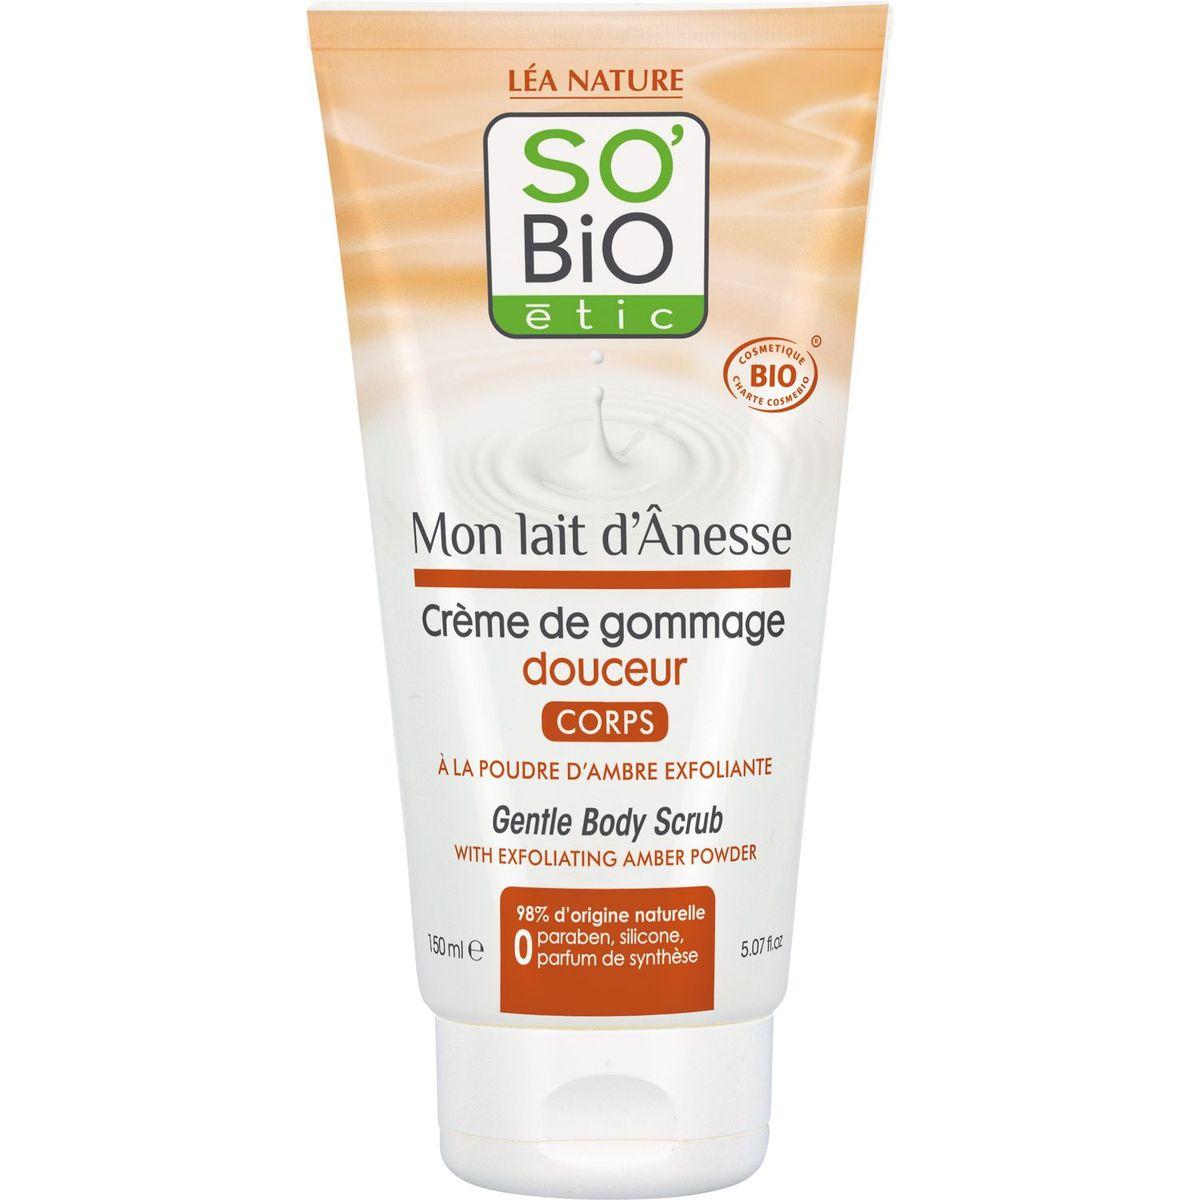 So Bio Etic crème de gommage douceur lait d'ânesse 150ml